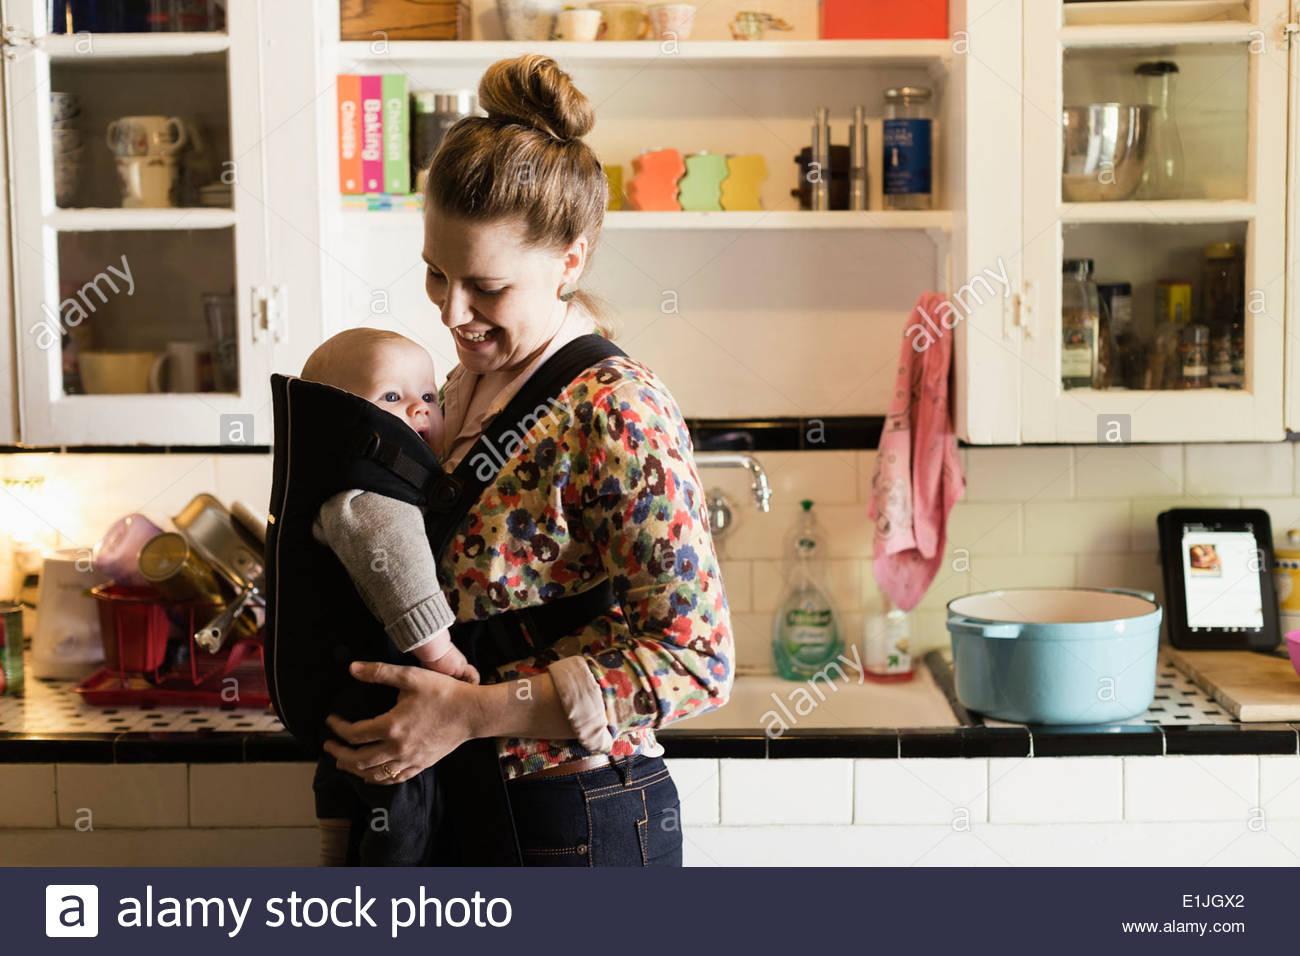 Adulto medio madre con su hijo en la eslinga en la cocina Imagen De Stock